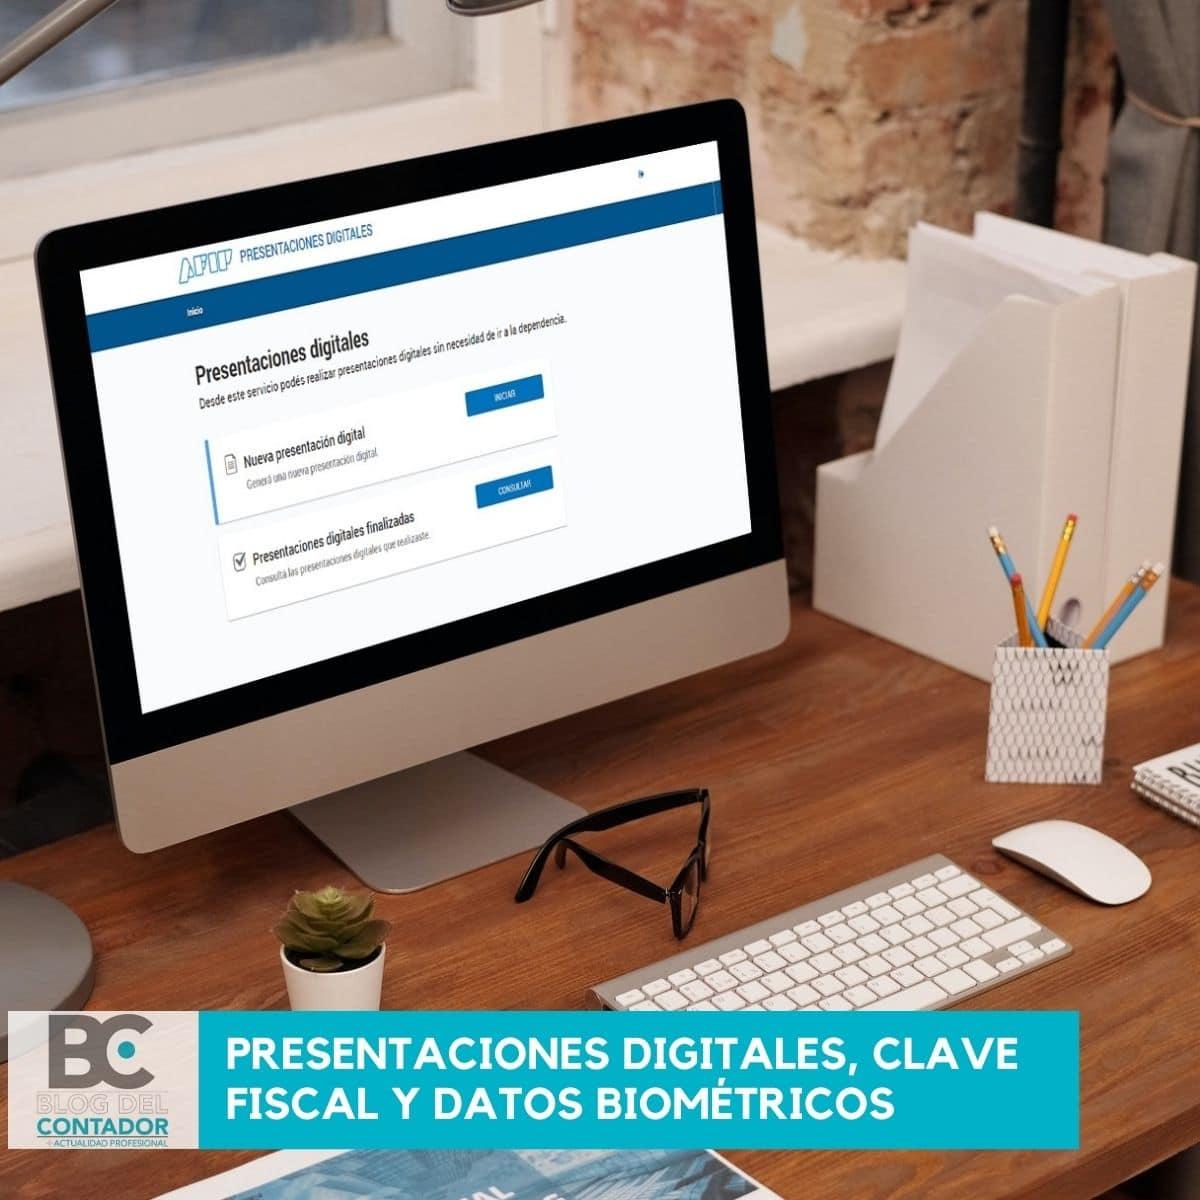 presentaciones digitales, clave fiscal y datos biométricos